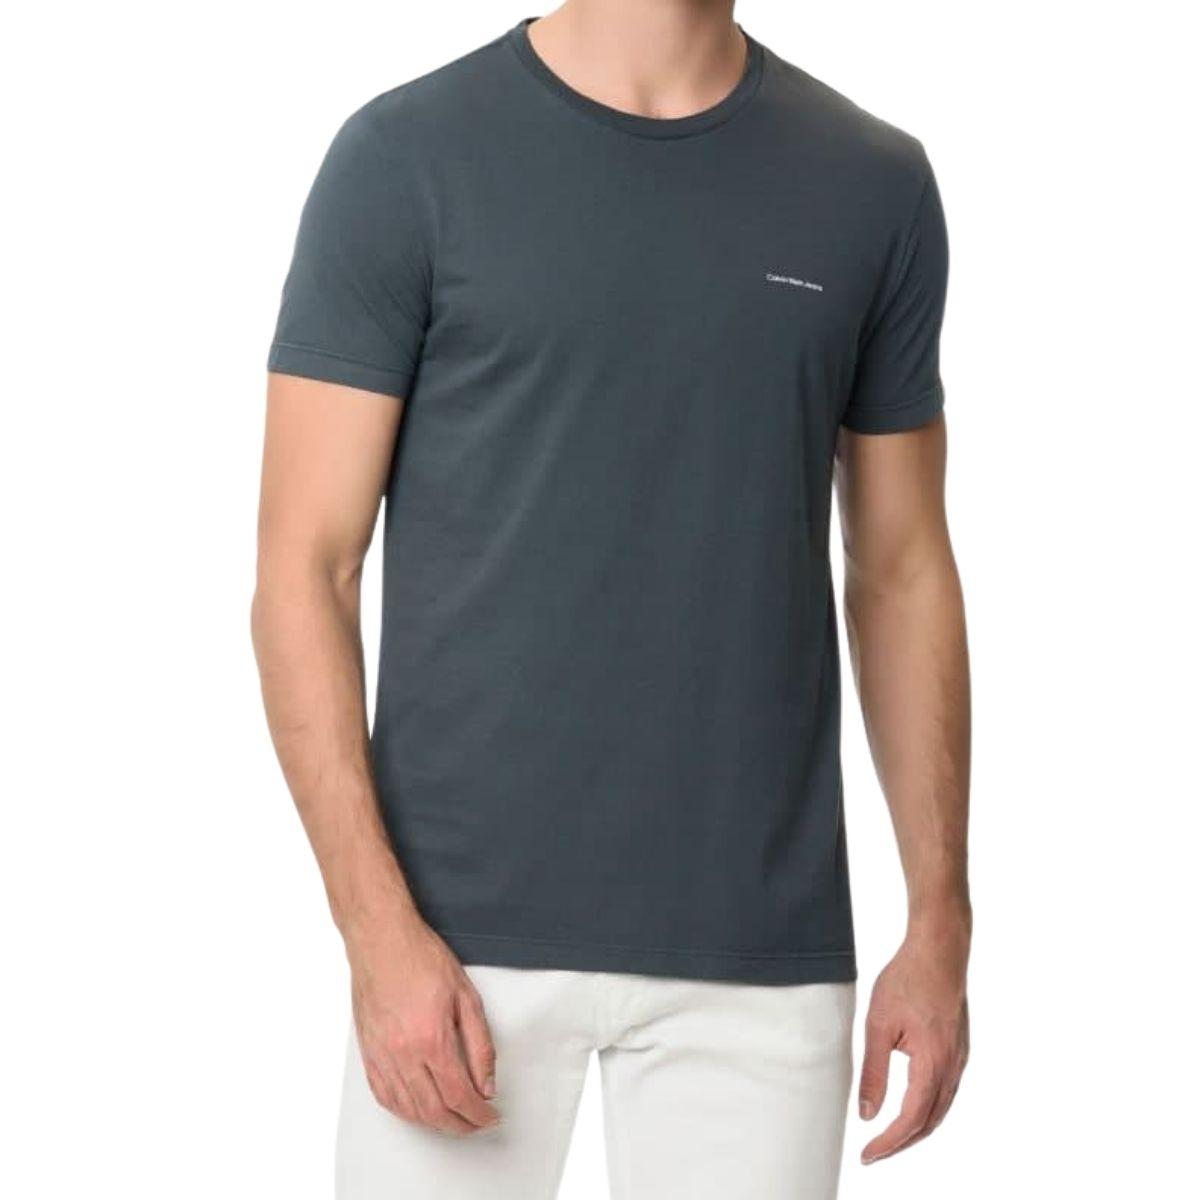 Camiseta Calvin Klein Manga Curta Logo Basico No Peito